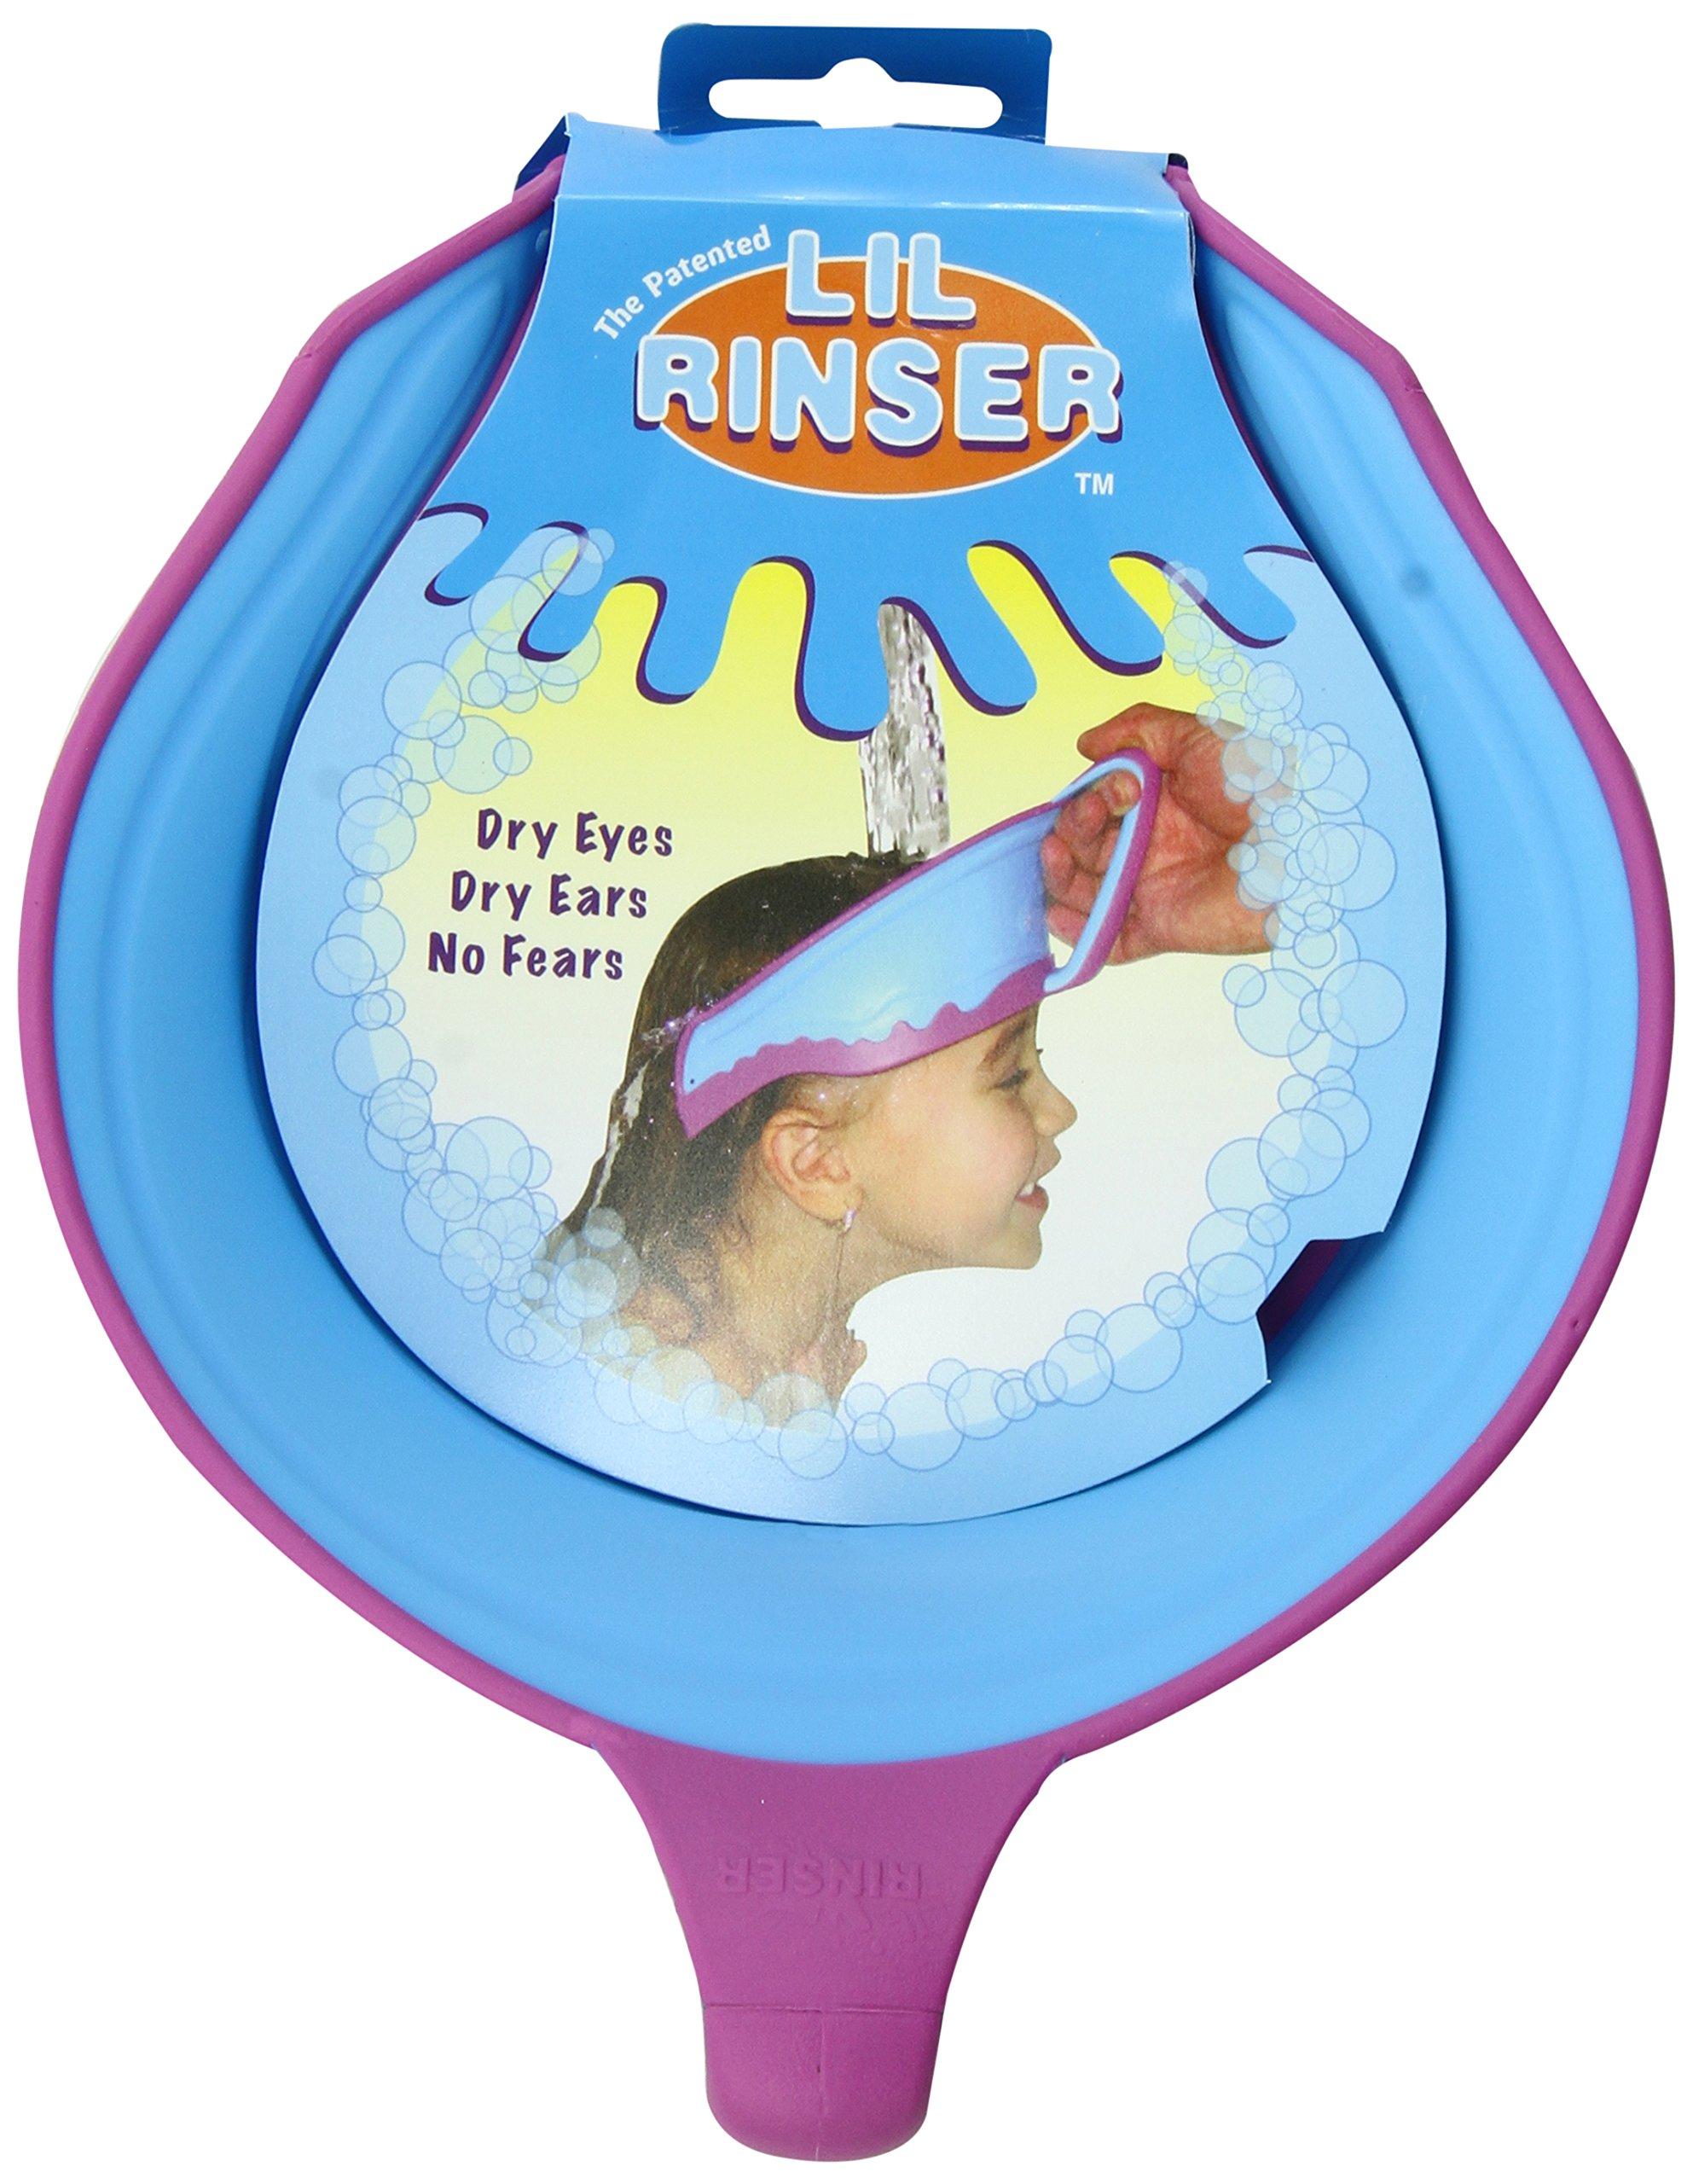 Amazon.com : Manito Baby Shampoo Shower Hat /Cap /Visor /Shield ...